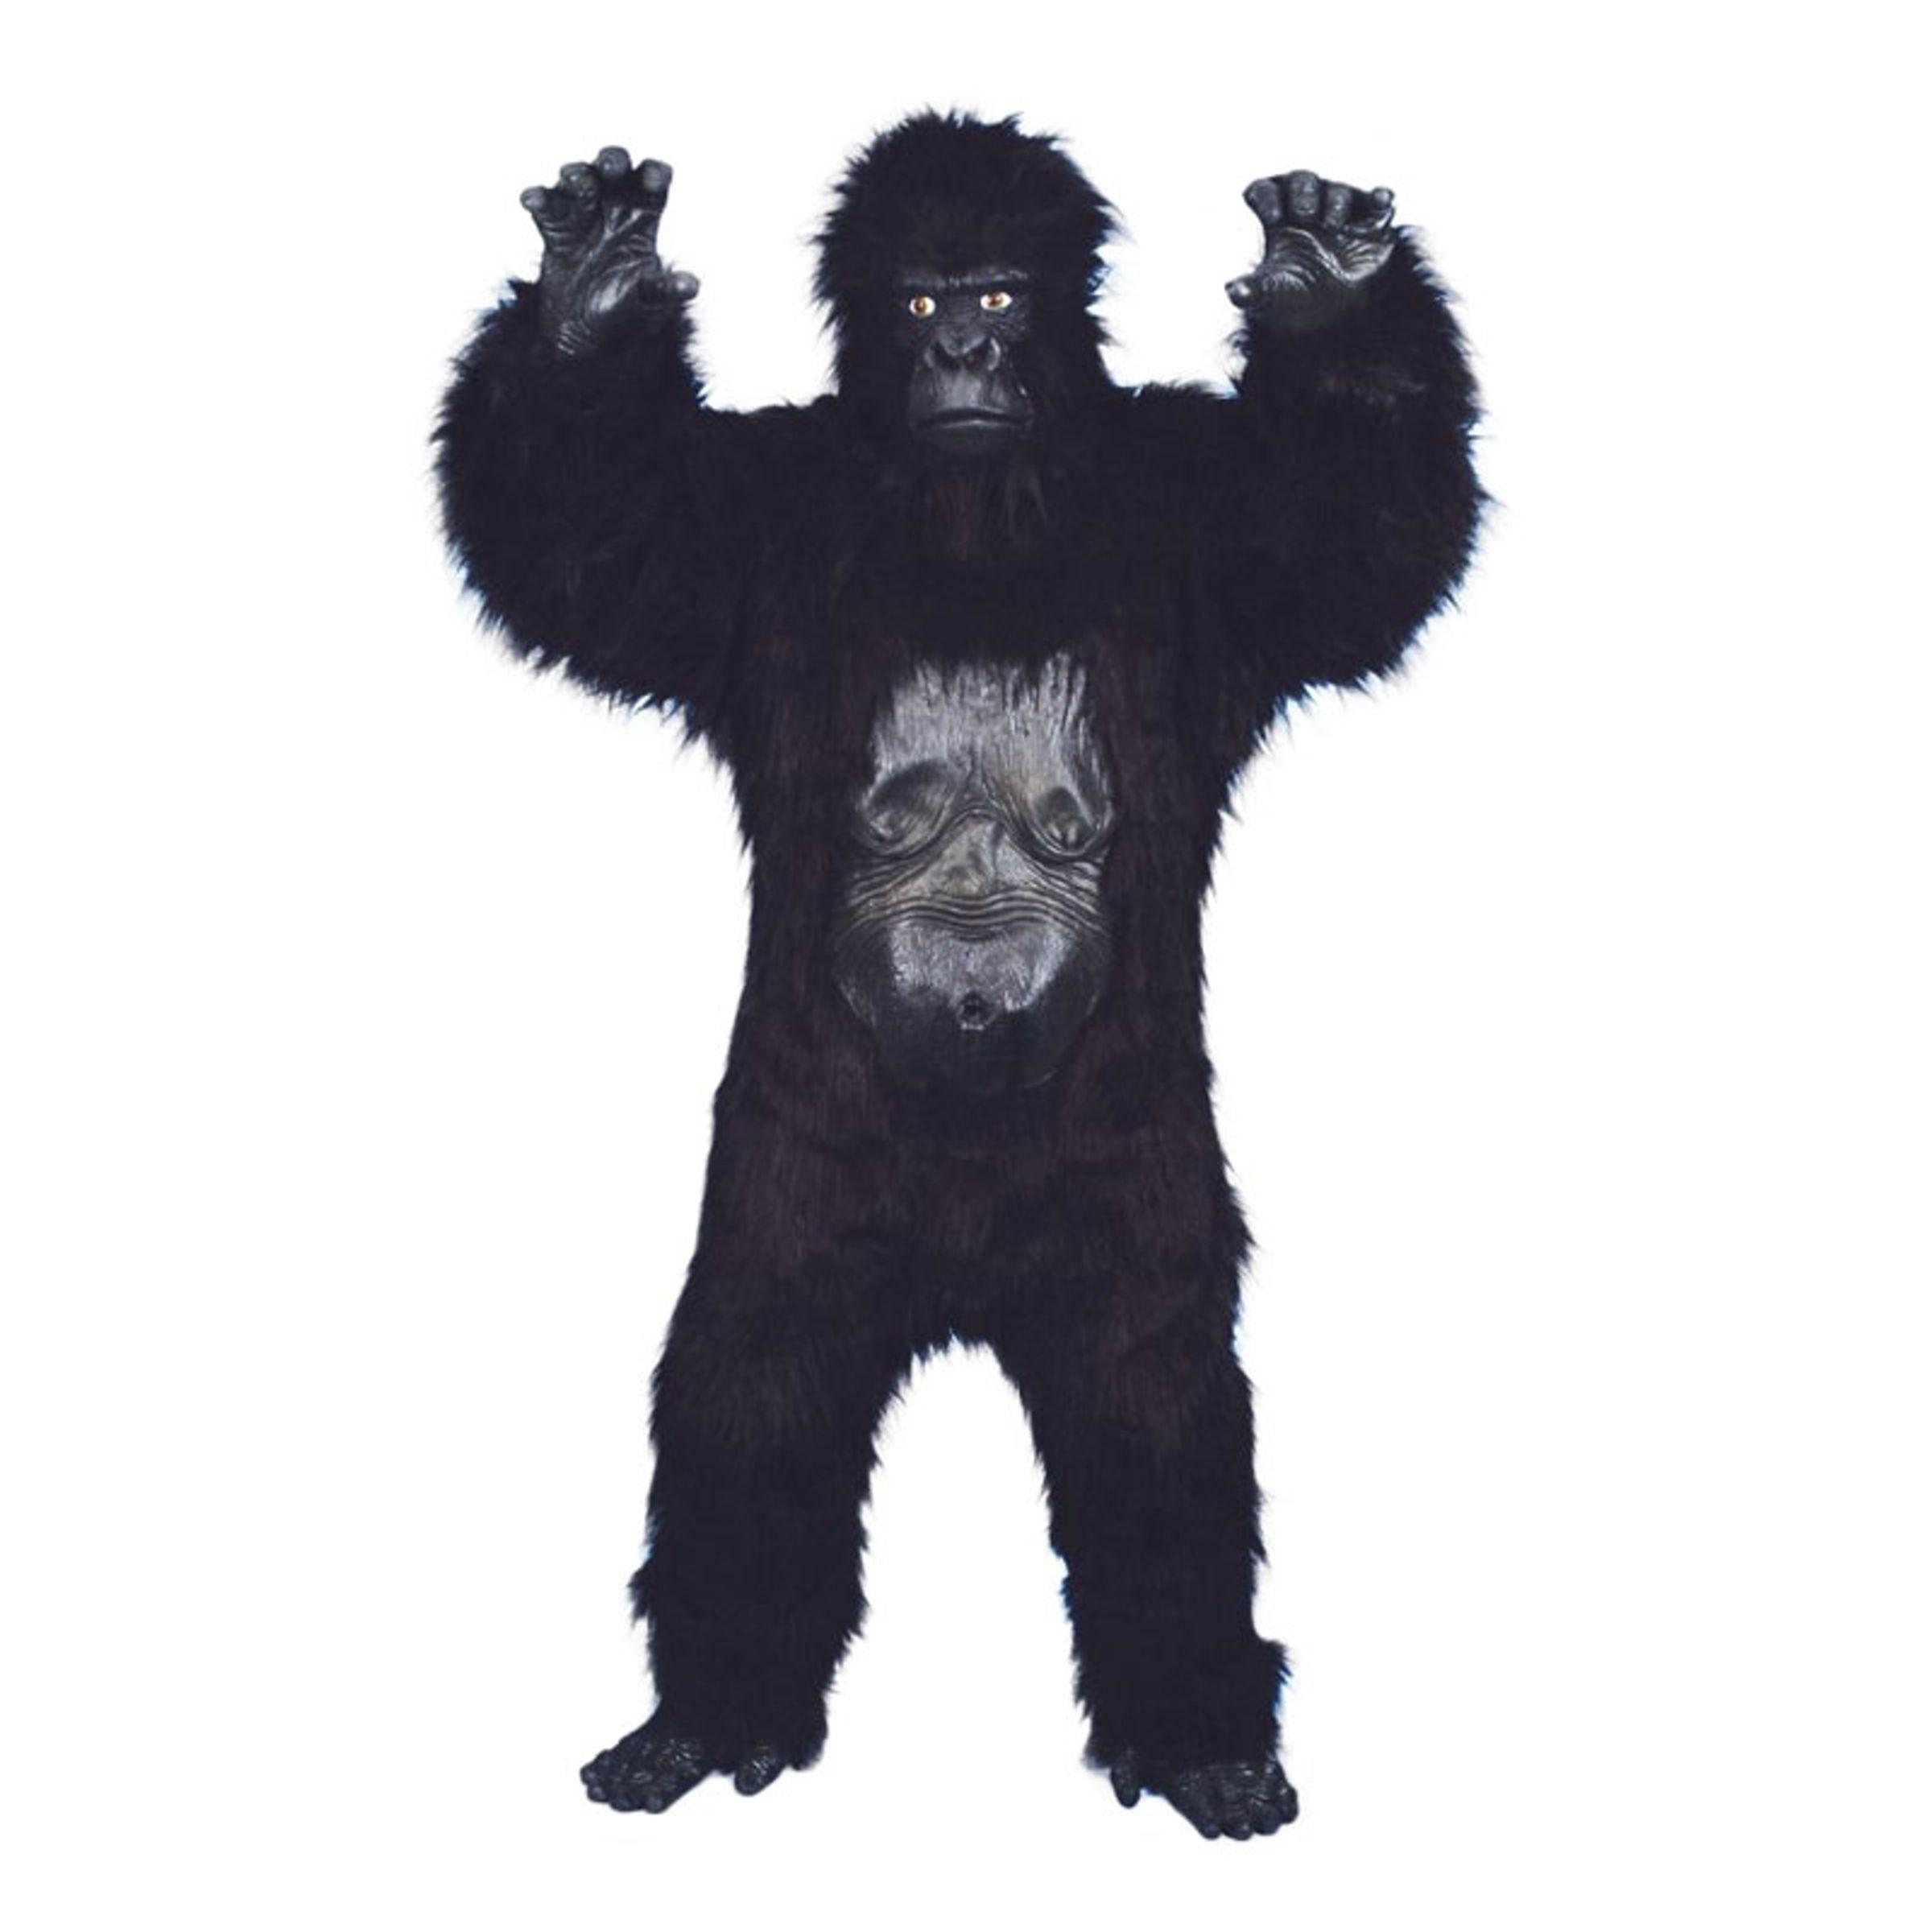 Vild Gorilla Deluxe Maskeraddräkt - One size